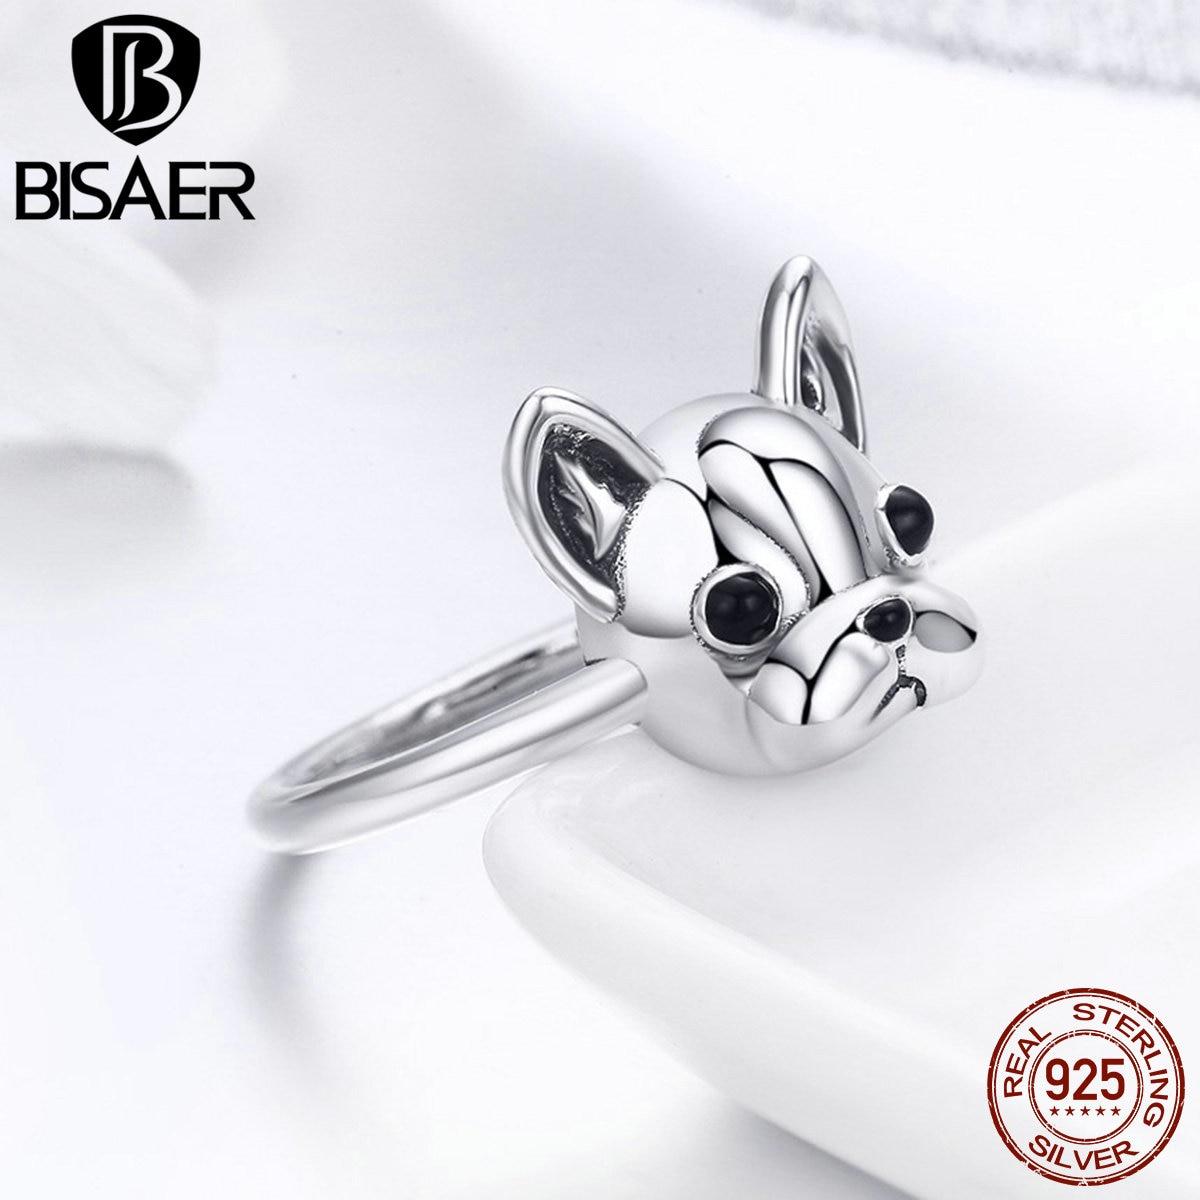 100% 925 Sterling Silber Tier Hund Liebhaber Glauben Partner Französisch Bulldog Finger Ringe Für Frauen Mädchen 925 Silber Ring Schmuck Geschenk